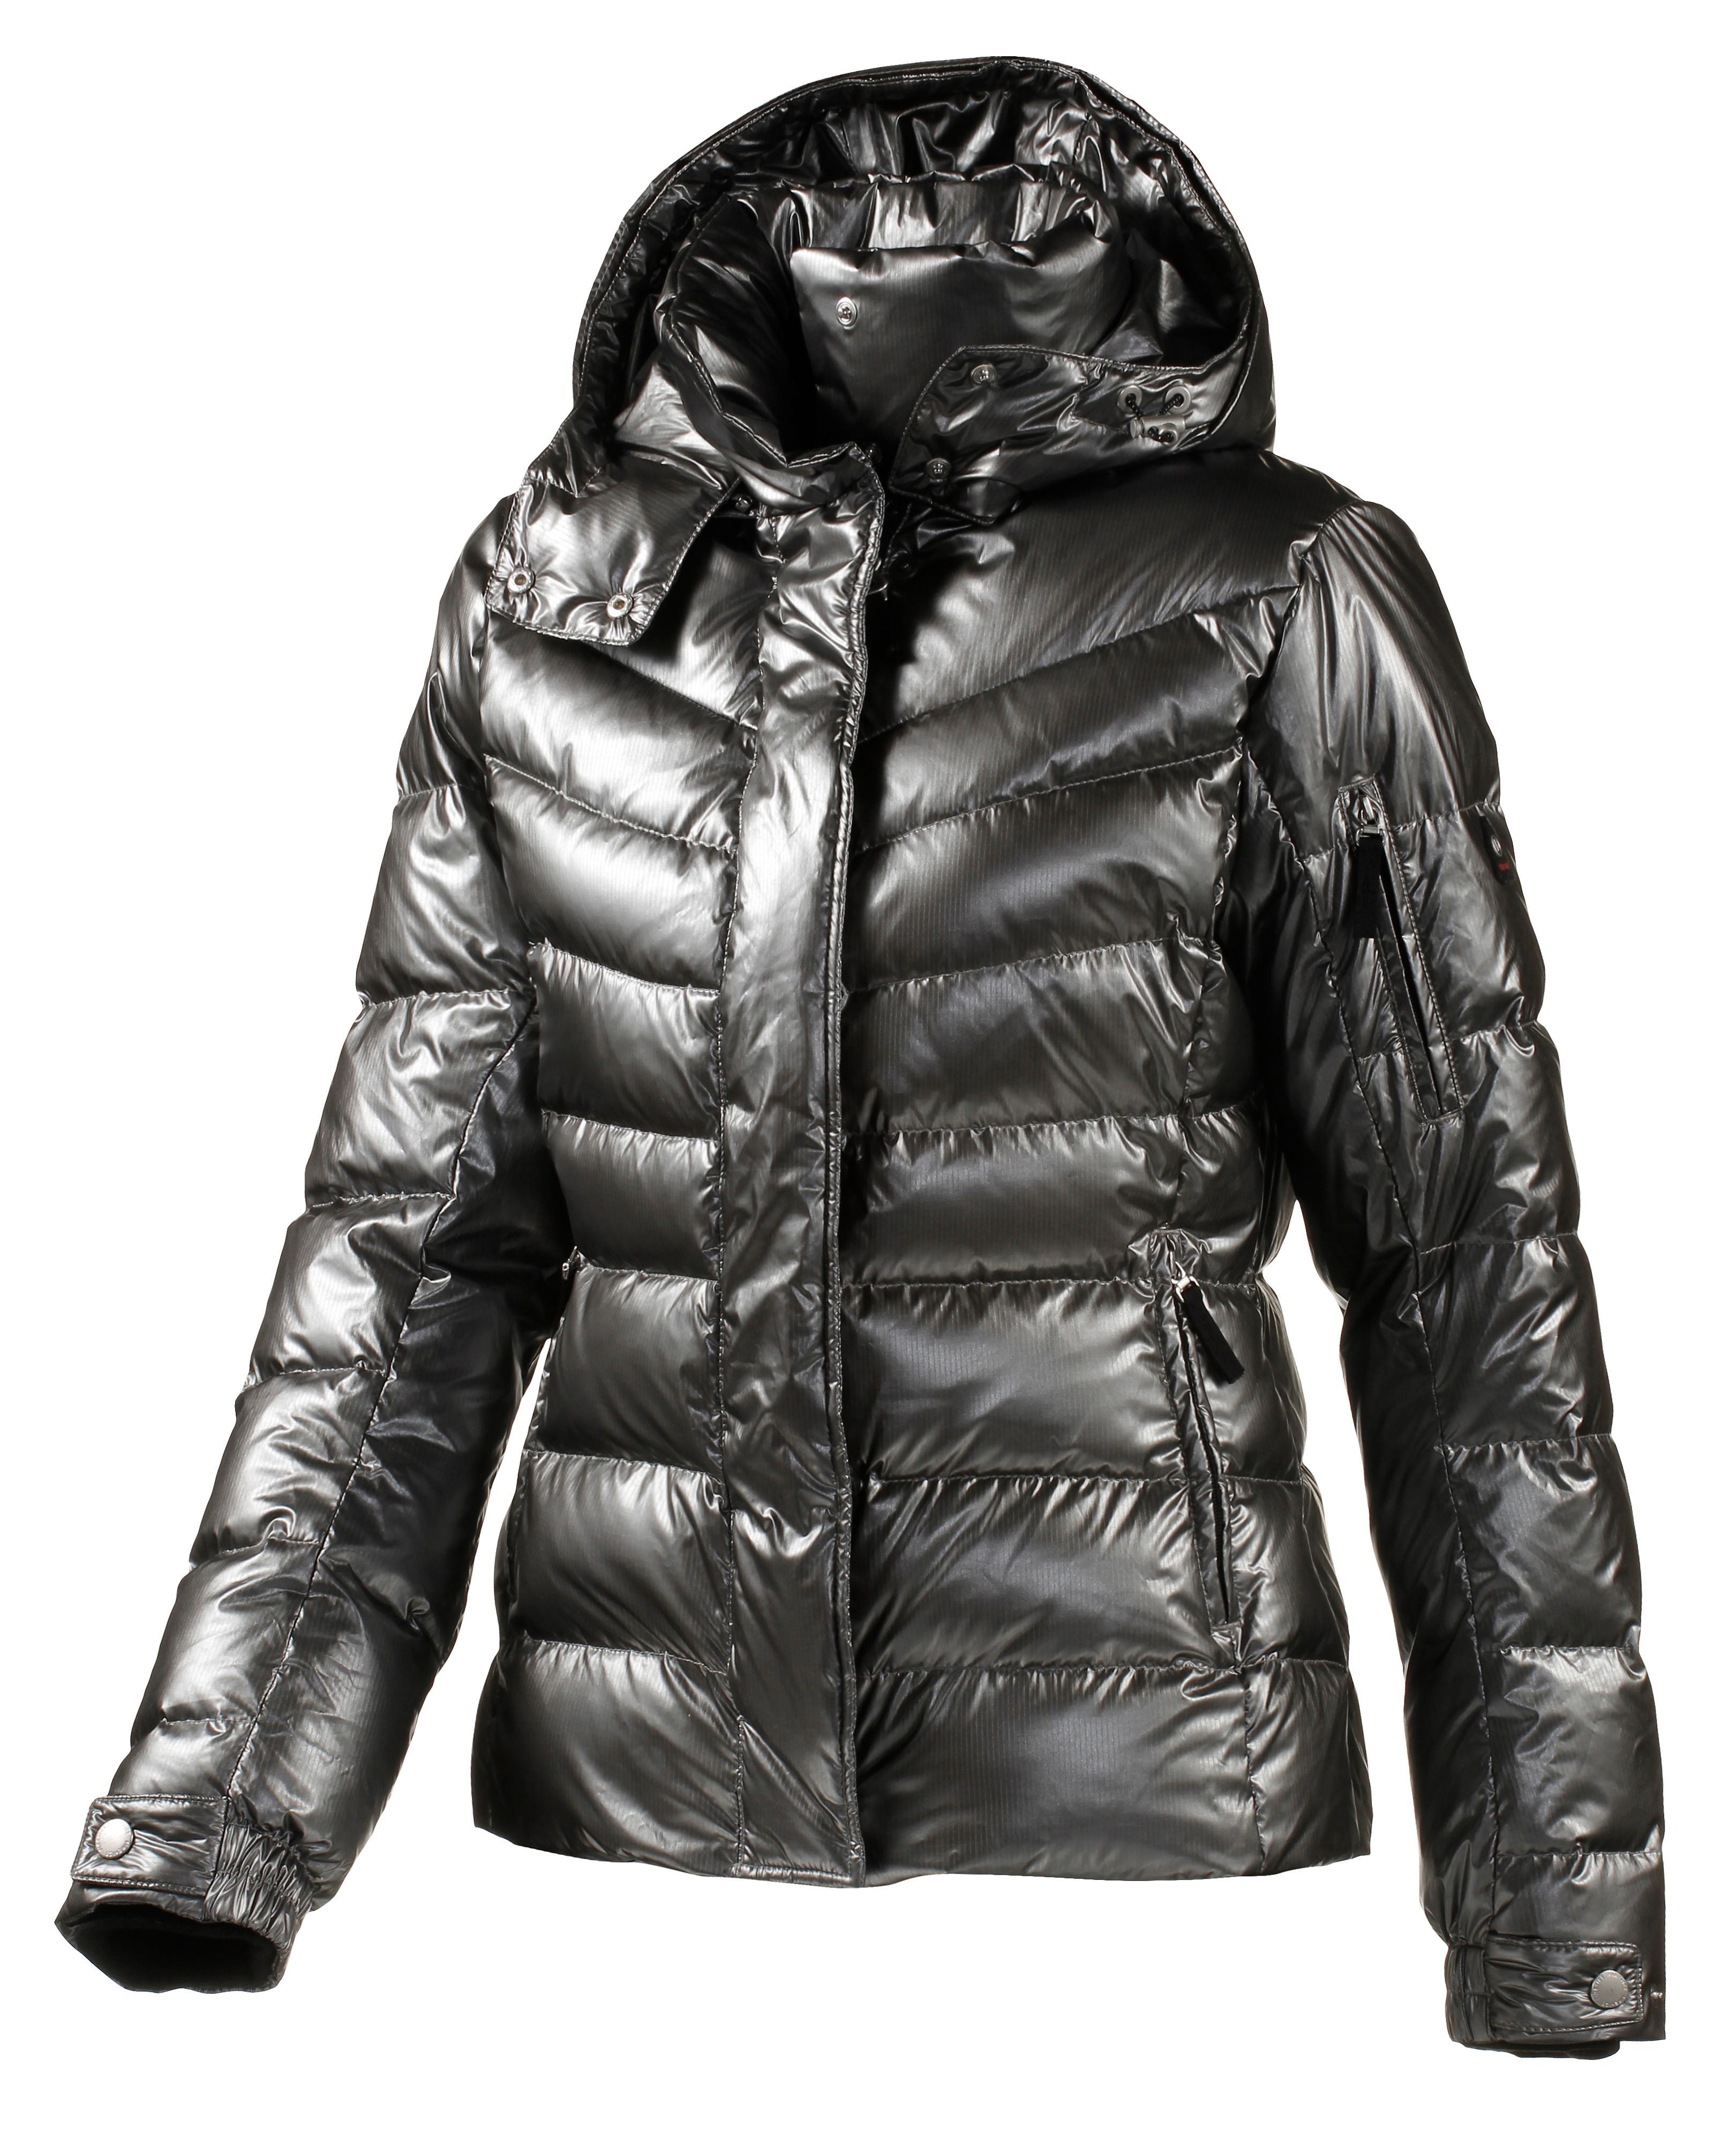 bogner fire ice sale d skijacke damen silberfarben im online shop rh sportscheck ch